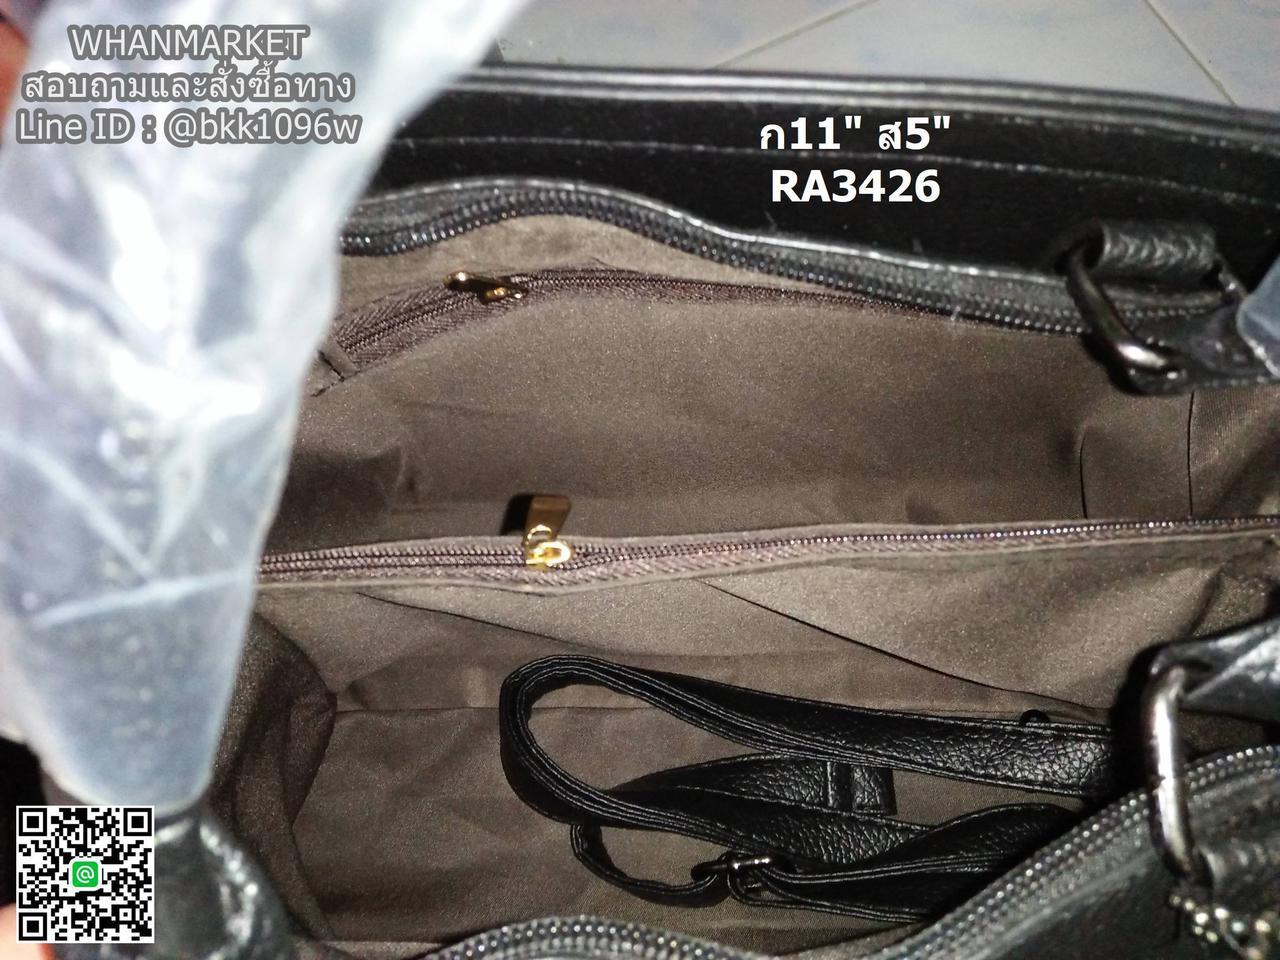 กระเป๋าถือและสะพายข้างแฟชั่นใบใหญ่ ทรงแข็งเรียบหรู วัสดุหนัง PU คุณภาพดี รูปที่ 6